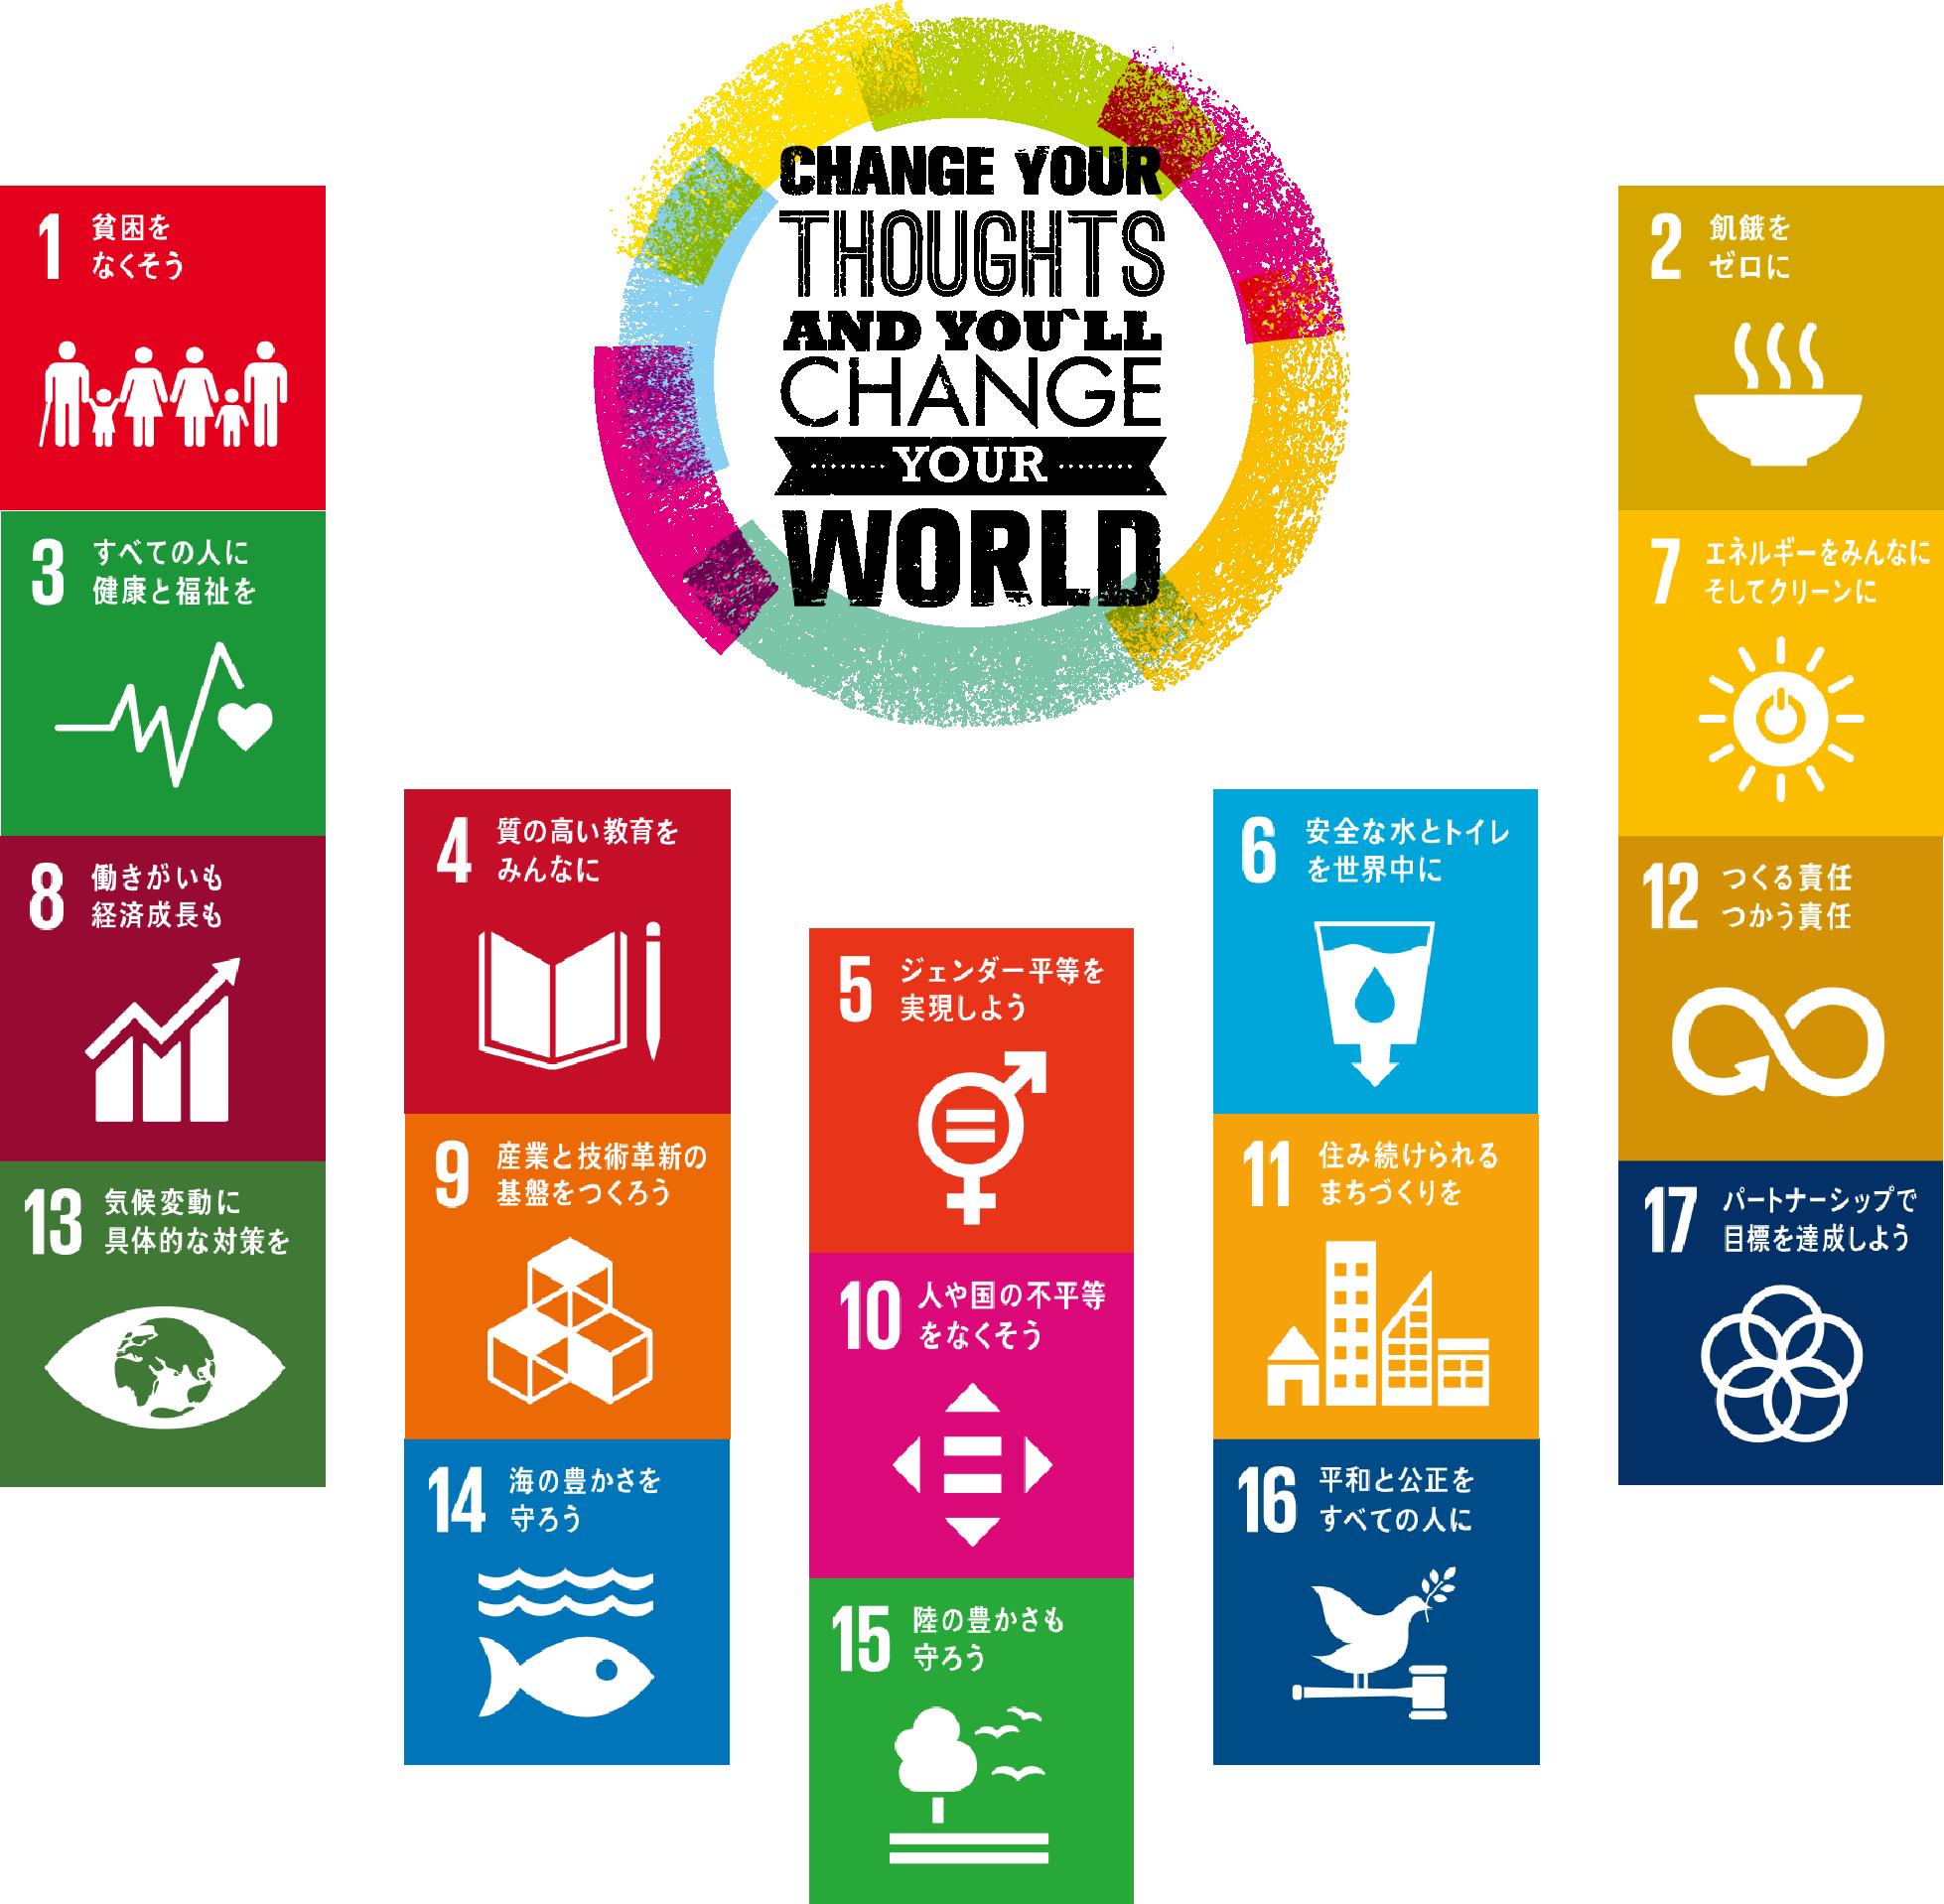 CHANGE YOUR THOUGHTS AND YOU'LL CHANGE YOUR WORLD/1.貧困をなくそう/2.飢餓をゼロに/3.すべての人に健康と福祉を/4.質の高い教育をみんなに/5.ジェンダー平等を実現しよう/6.安全な水とトイレを世界中に/7.エネルギーをみんなにそしてクリーンに/8.働きがいも経済成長も/9.産業と技術革新の基盤をつくろう/10.人や国の不平等をなくそう/11.住み続けられるまちづくりを/12.つくる責任つかう責任/13.気候変動に位的な対策を/14.海の豊かさを守ろう/15.陸の豊かさも守ろう/16.平和と公正をすべての人に/17.パートナーシップで目標を達成しよう